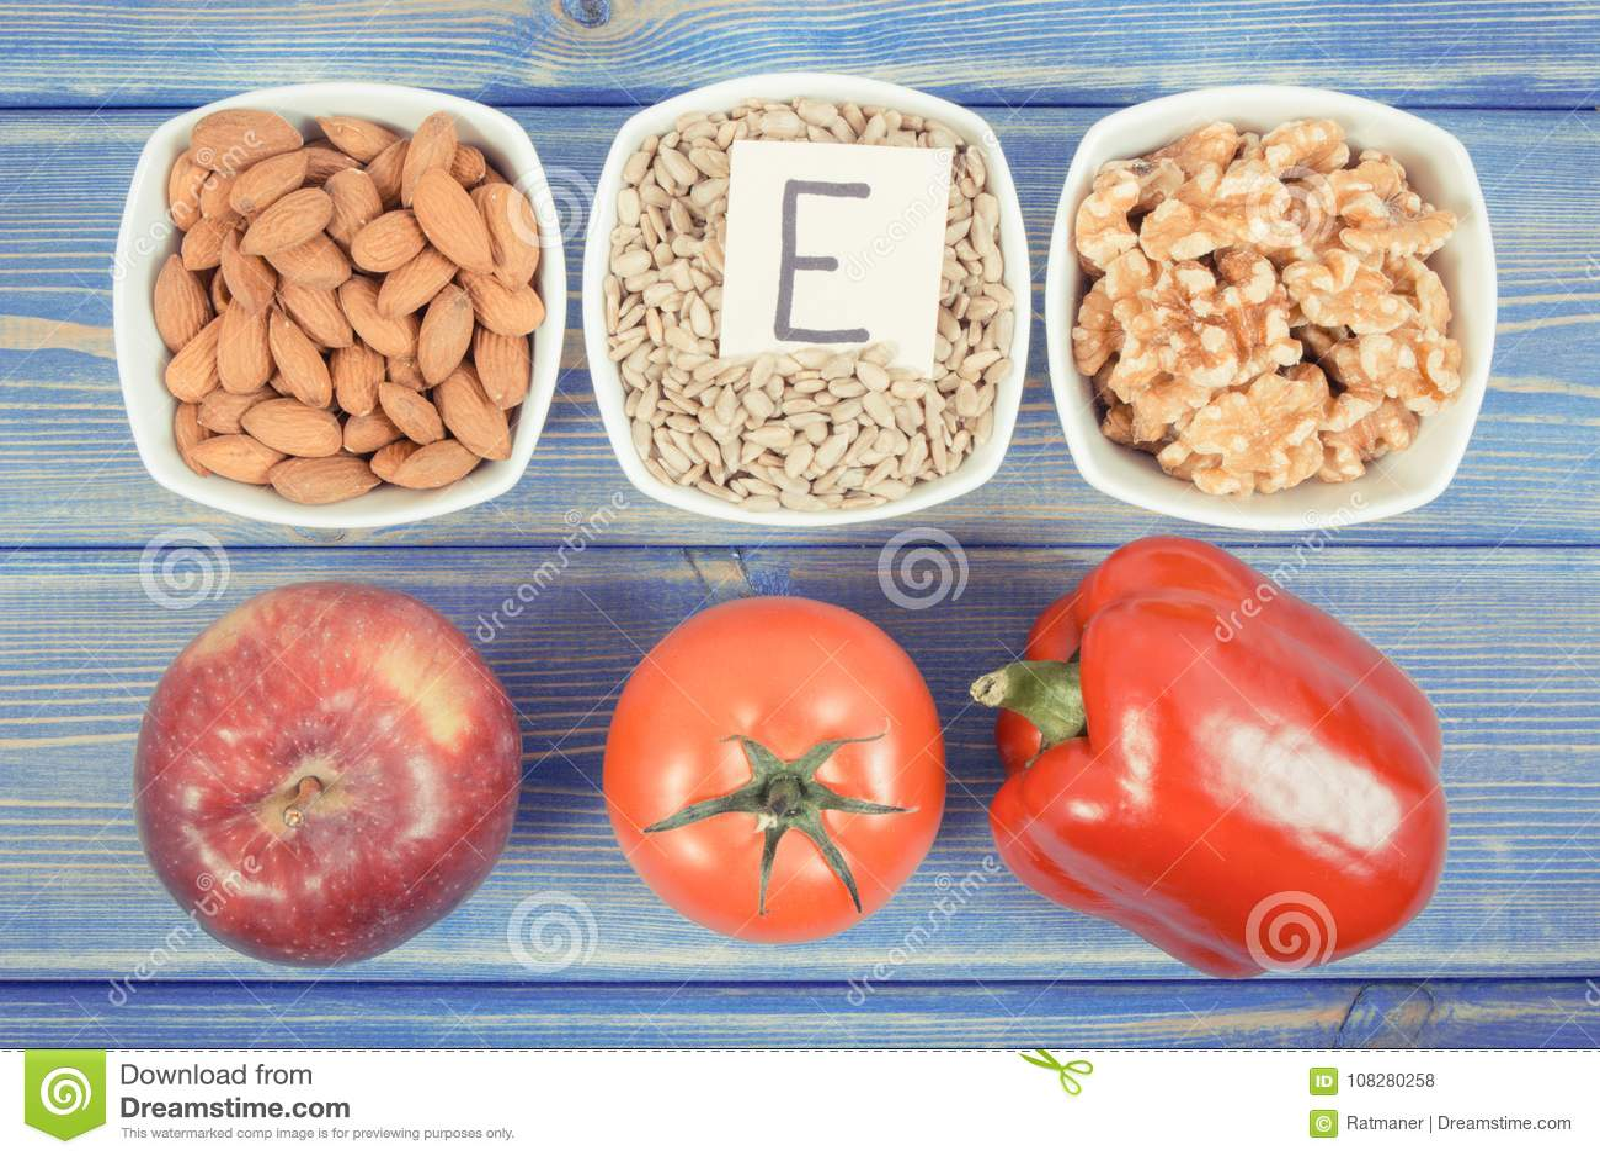 Foto del vintage, productos, ingredientes que contienen la vitamina E y la fibra dietética, concepto sano de la nutrición